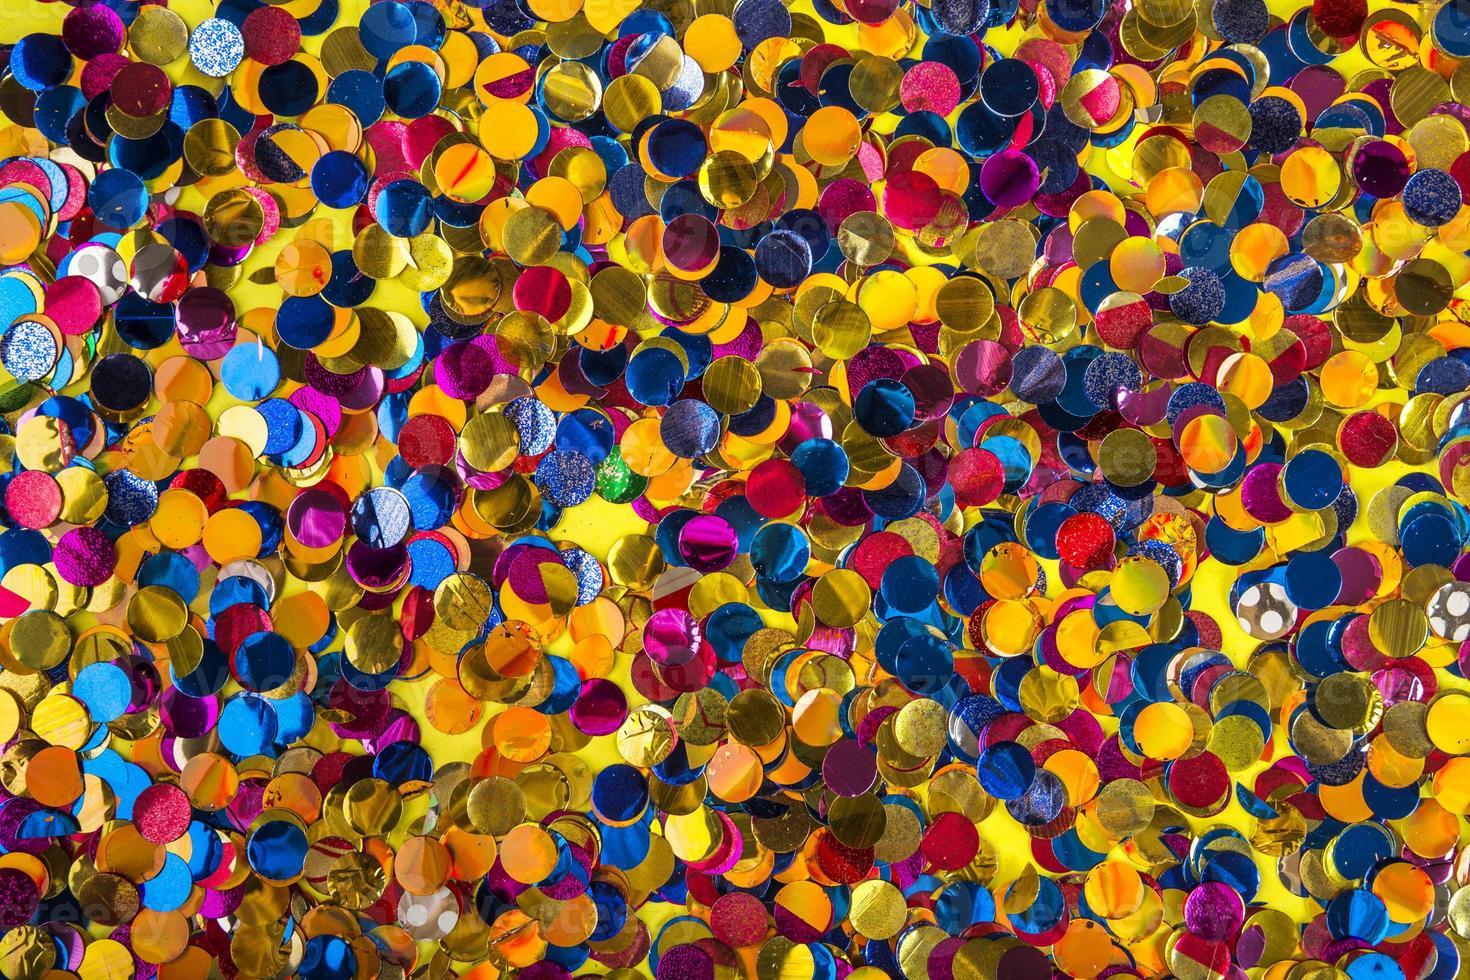 composition de fête avec des confettis colorés photo